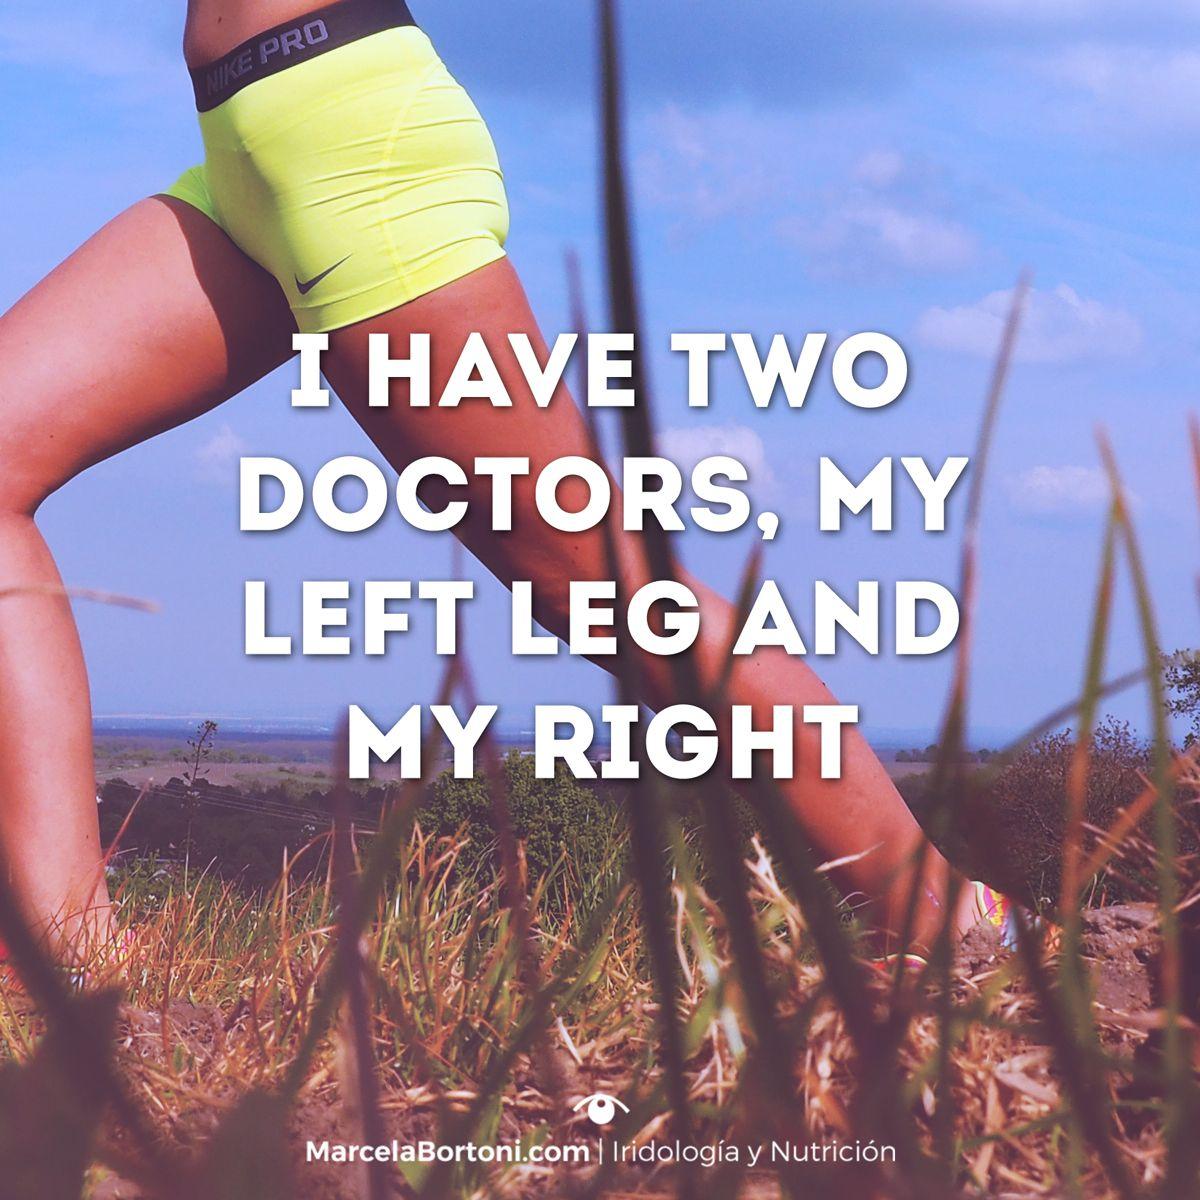 Es muy importante realizar alguna actividad física mínimo tres días por semana. Puedes realizarlo en tu casa o en el parque o en algún gimnasio, lo importante es hacerlo.